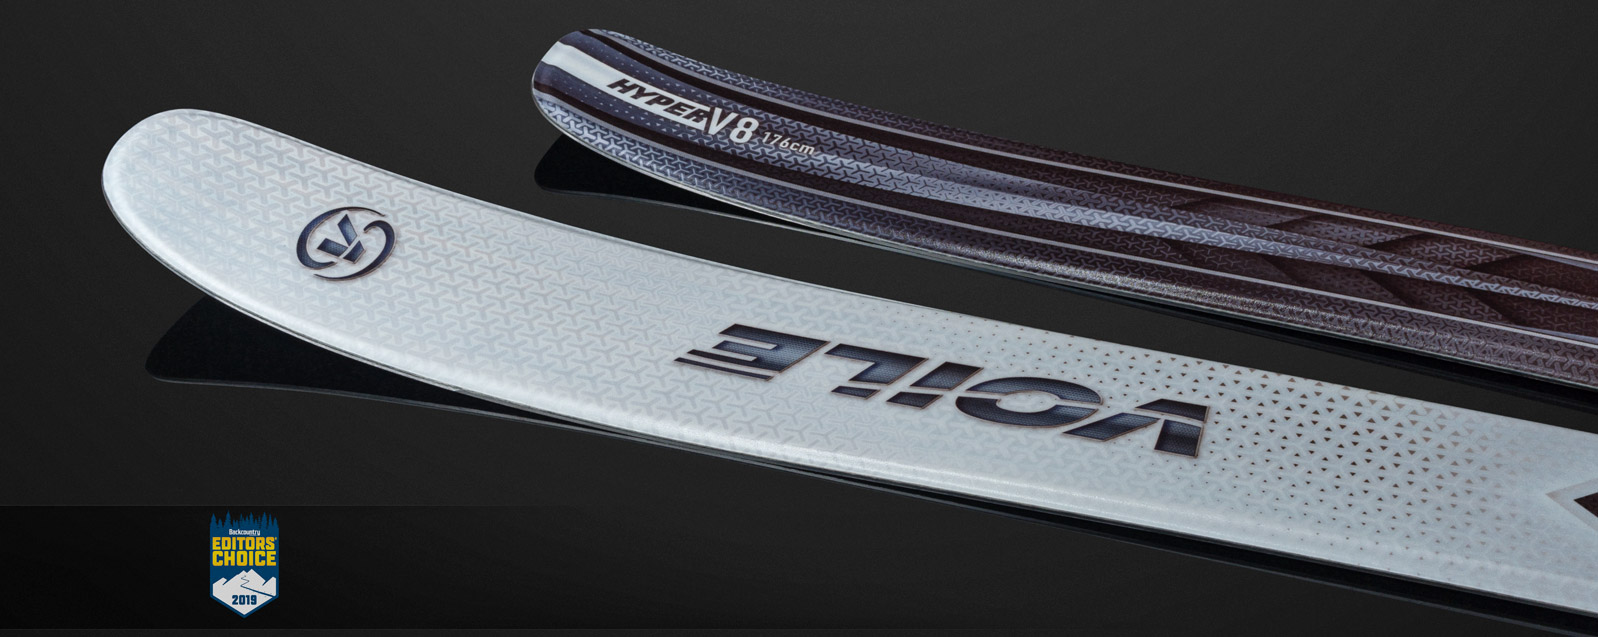 Voile---Hyper-V8-Ski_122930B.jpg